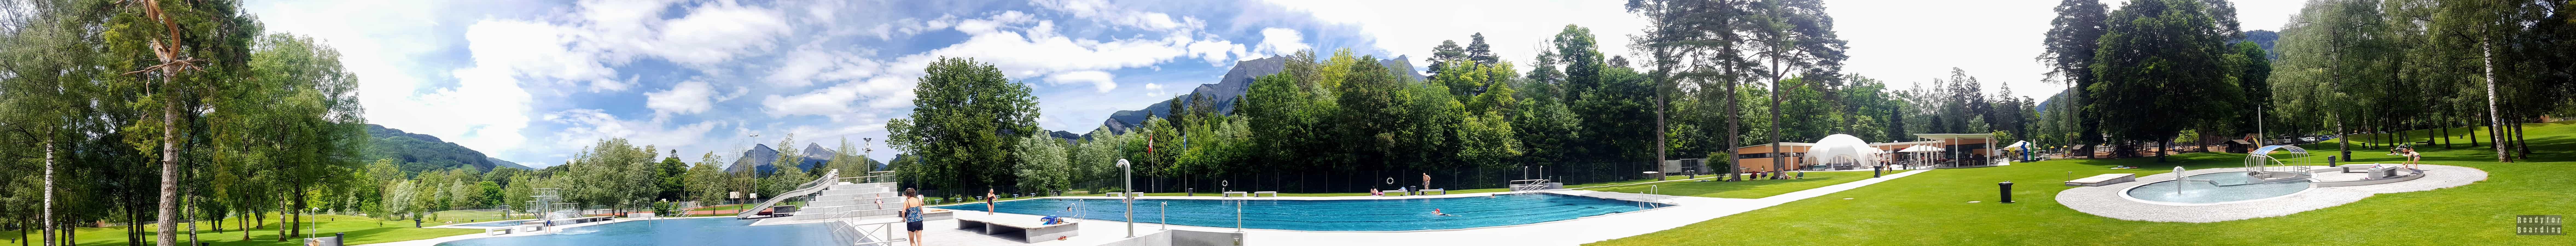 Panorama: Kempingi w Szwajcarii - Campingplatz Giessen Park